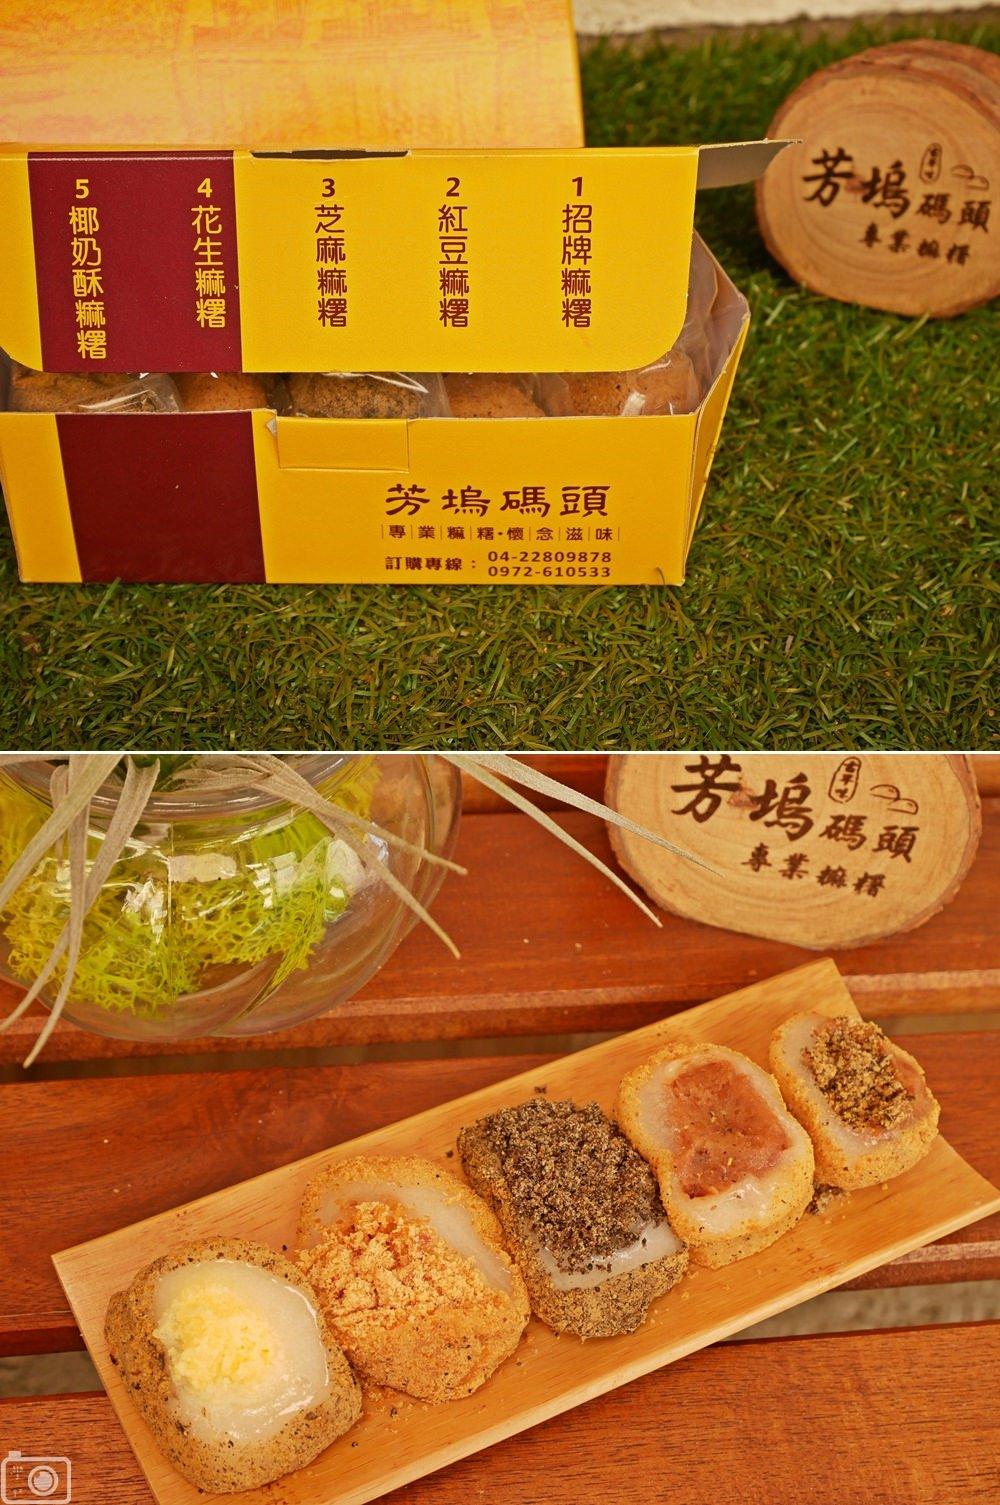 芳塢碼頭專業麻糬 綜合禮盒